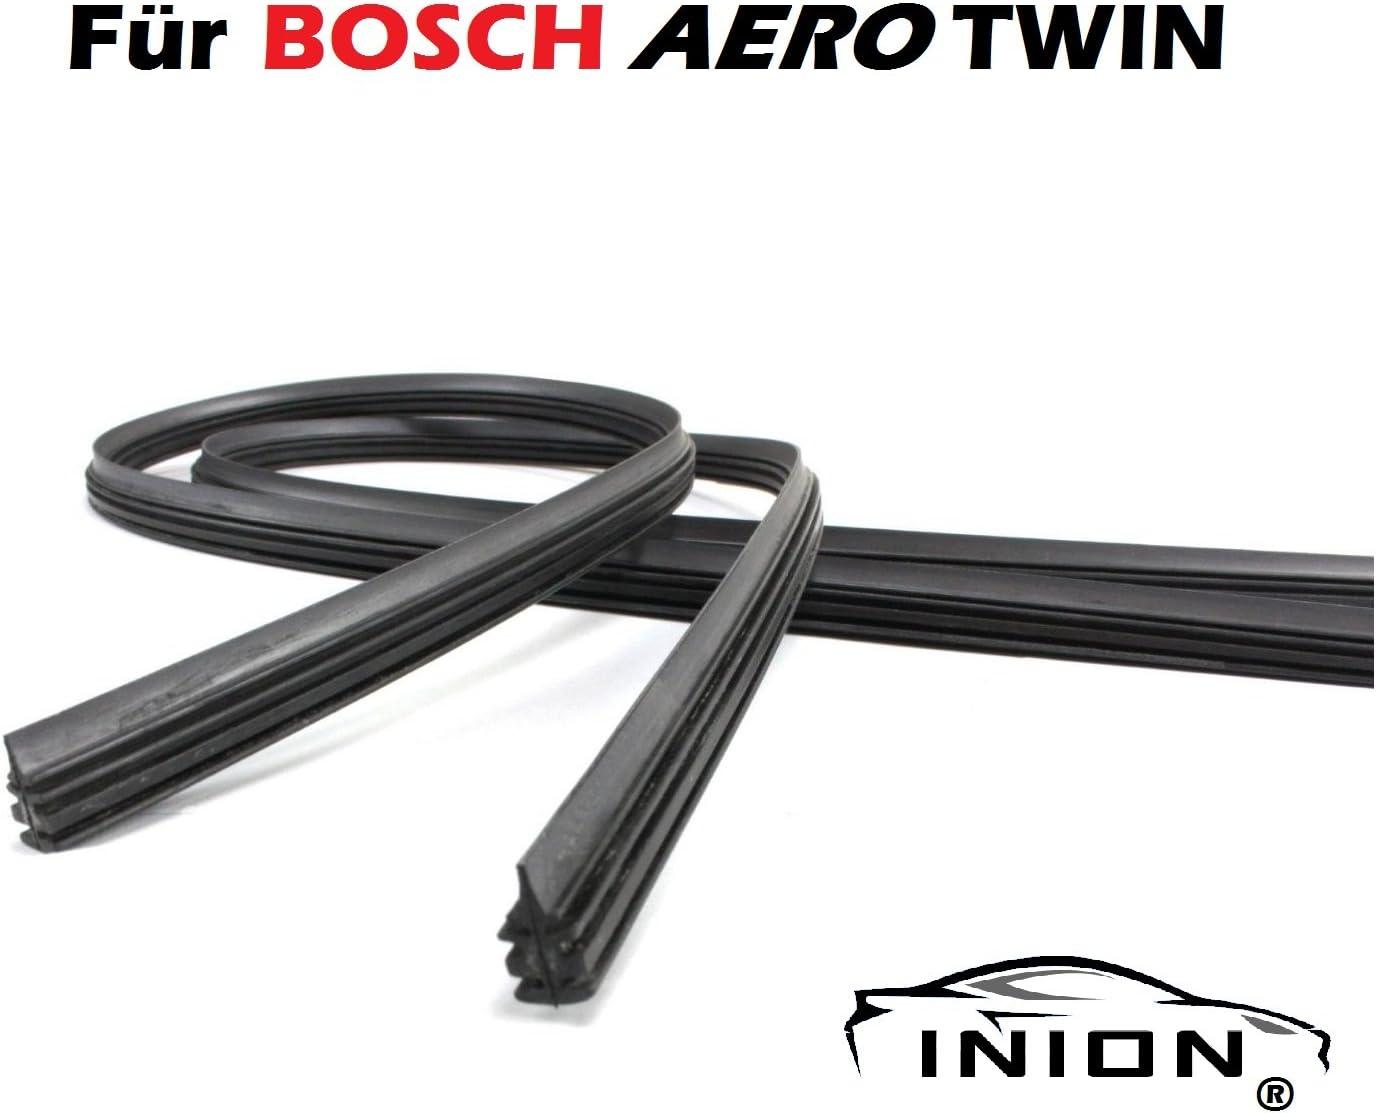 INION/® 2X Wischergummi Scheibenwischer Gummis Ersatz f/ür Bosch Aerotwin Scheibenwischer AR552S, 3397118984